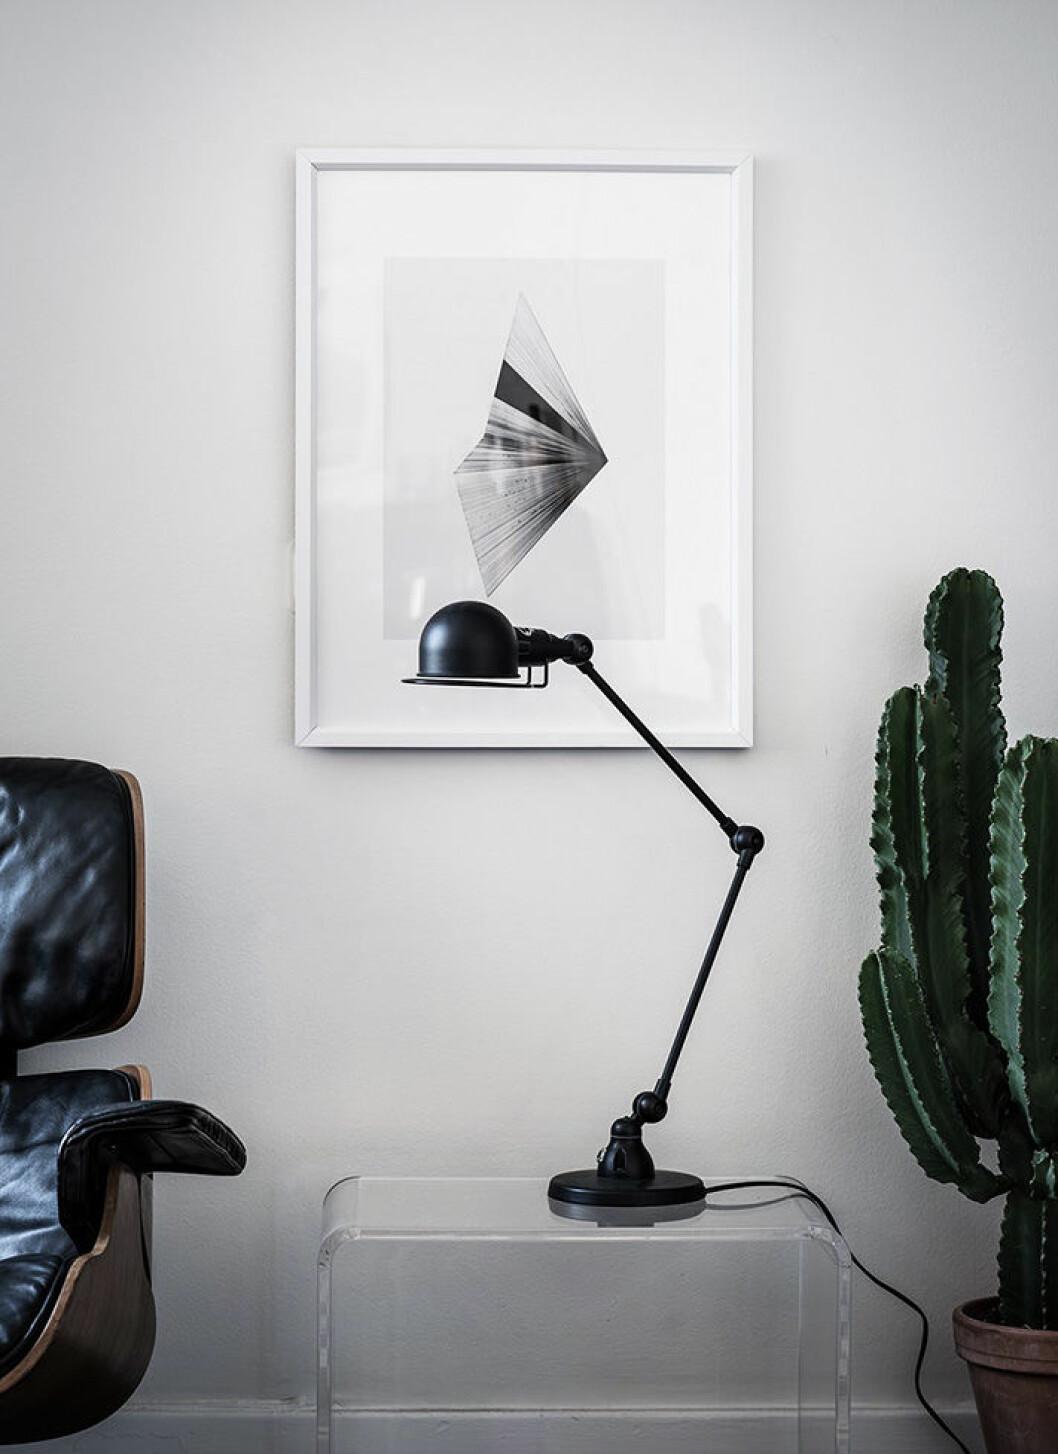 Svarta inredningsdetaljer i form av fåtölj och lampa